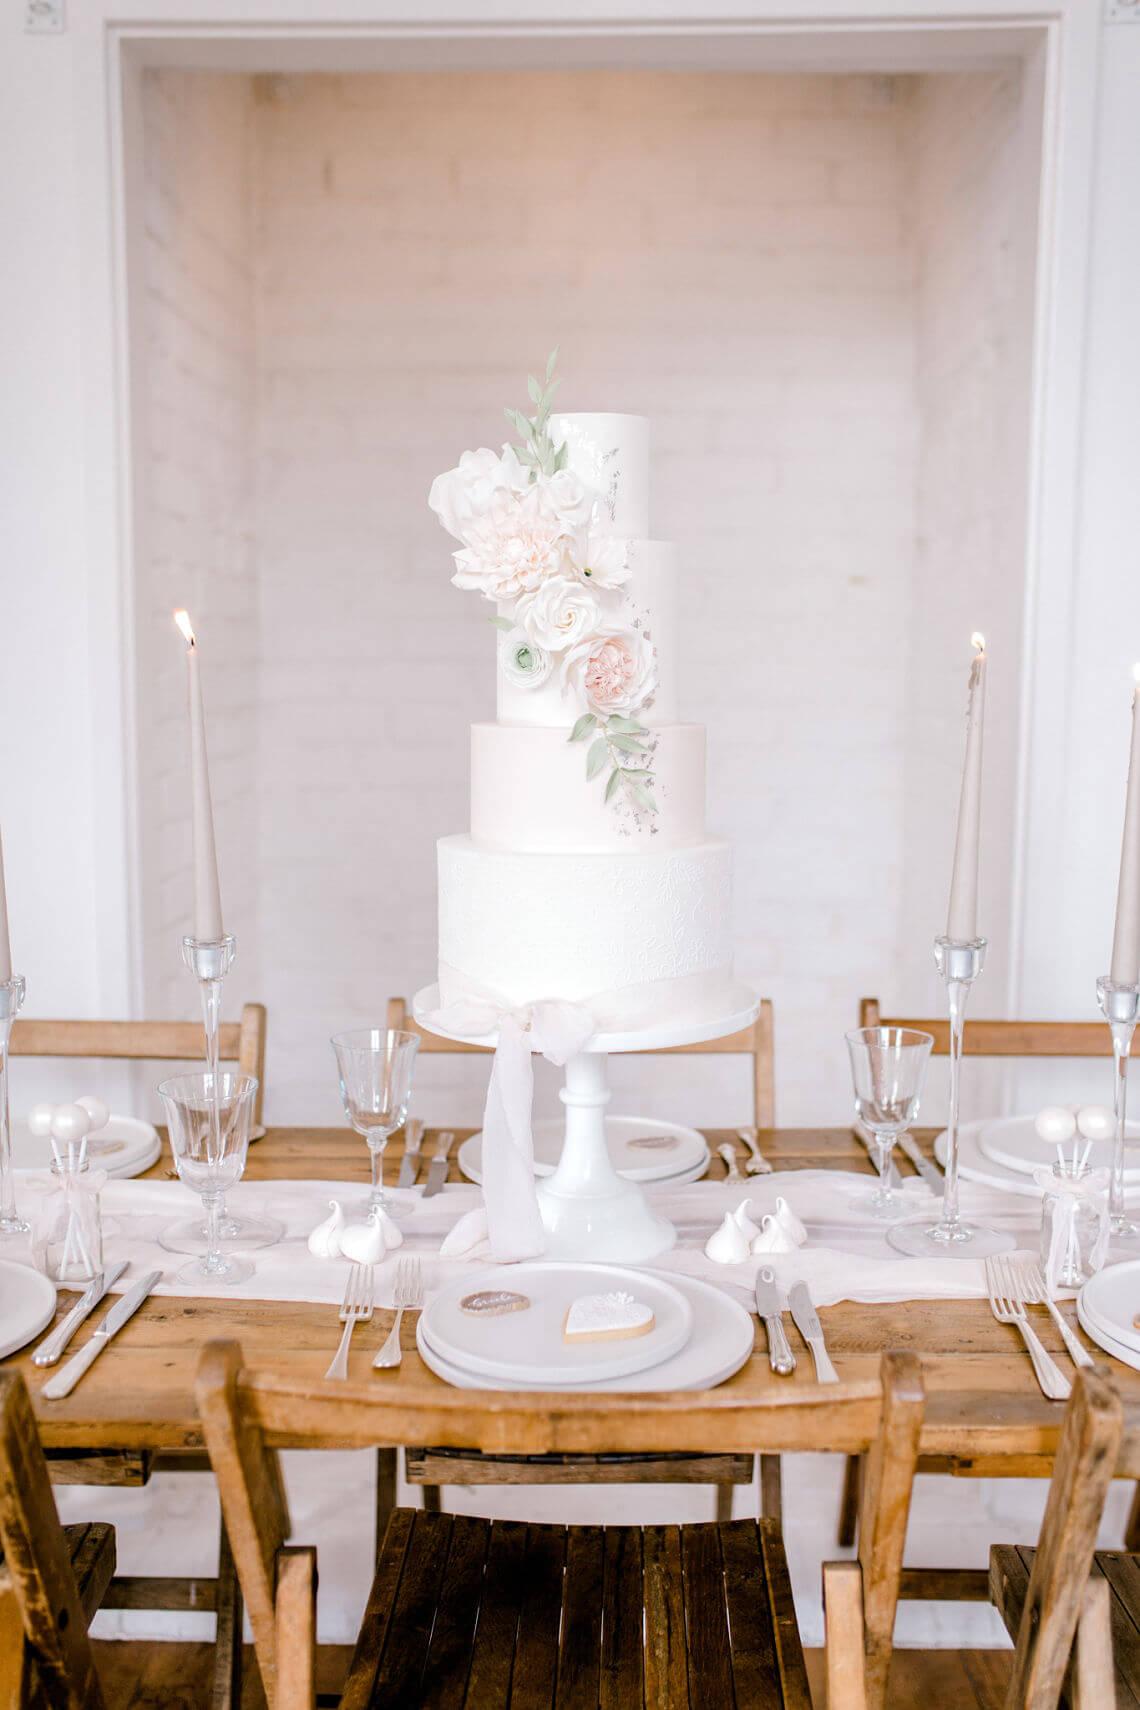 essex-wedding-cake-designer-neutral-romantic-cake-design.jpg